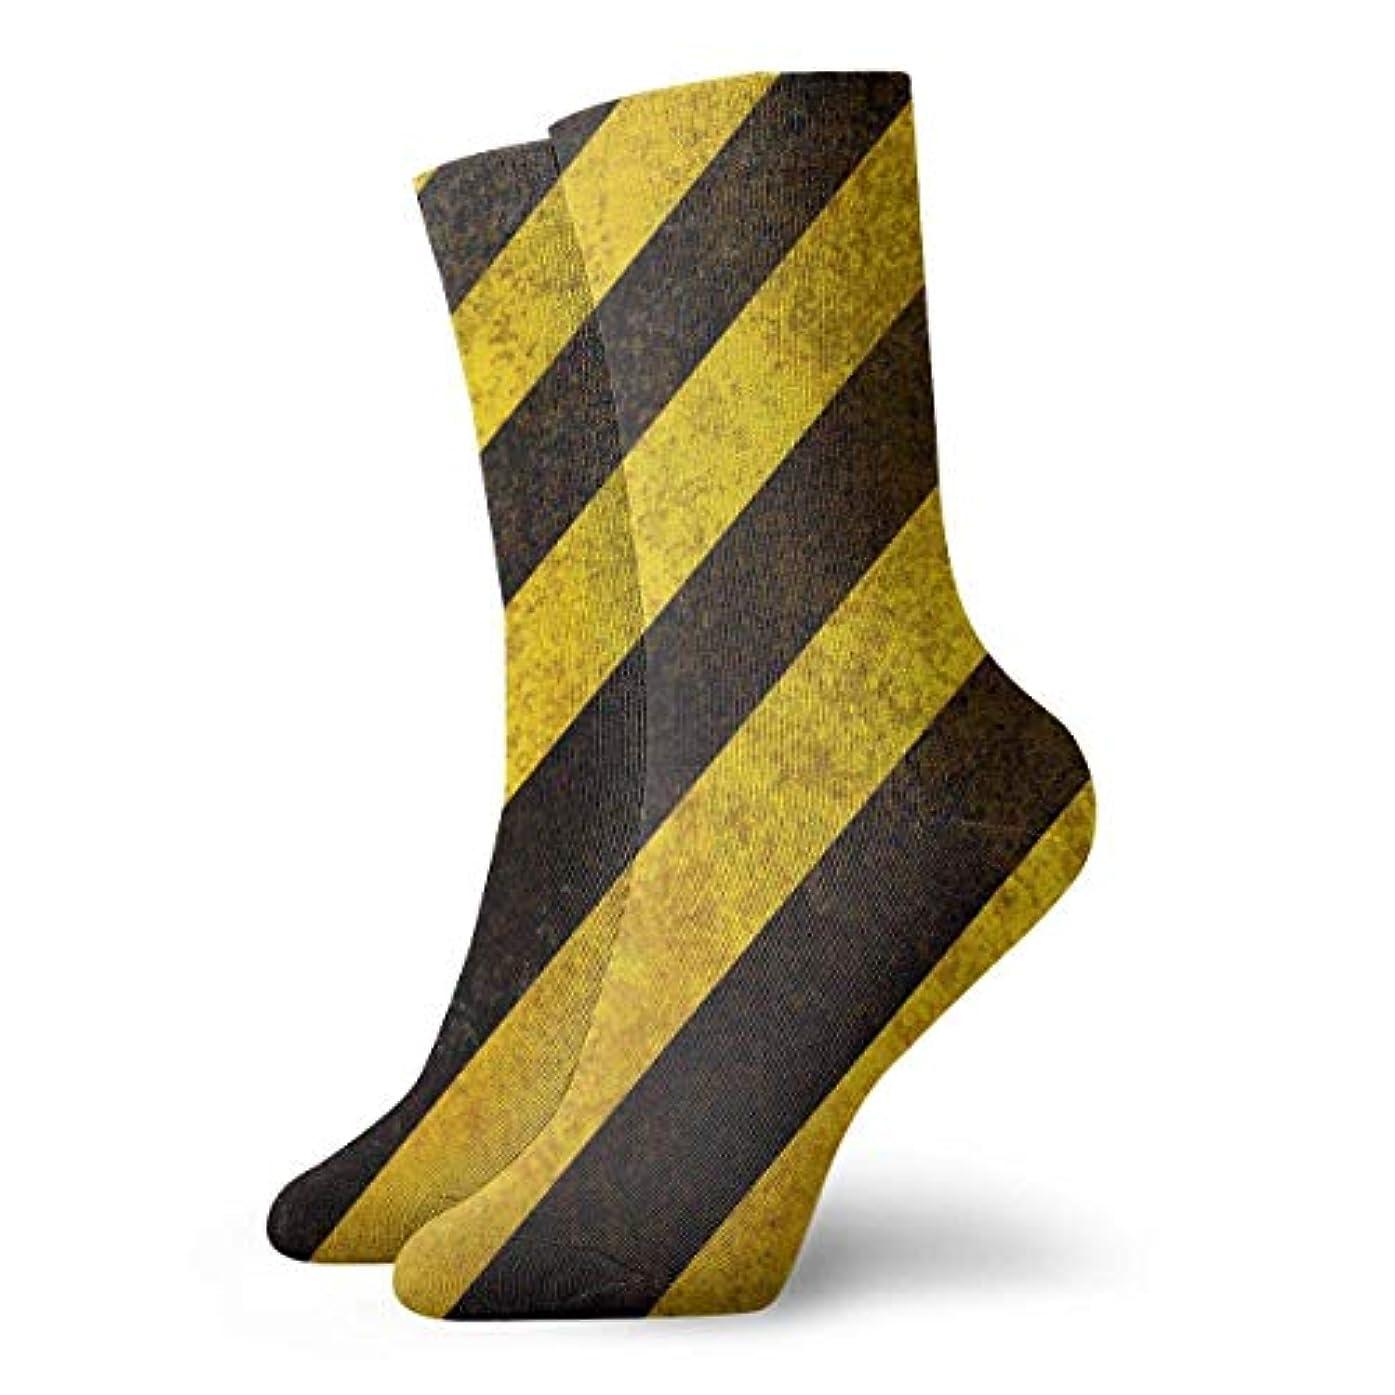 磁器並外れた溶かすクルーザーユニセックスカラフルドレスソックス、イエローブラックストライプ、冬ソフトコージー暖かい靴下かわいい面白いクルーコットンソックス1パック